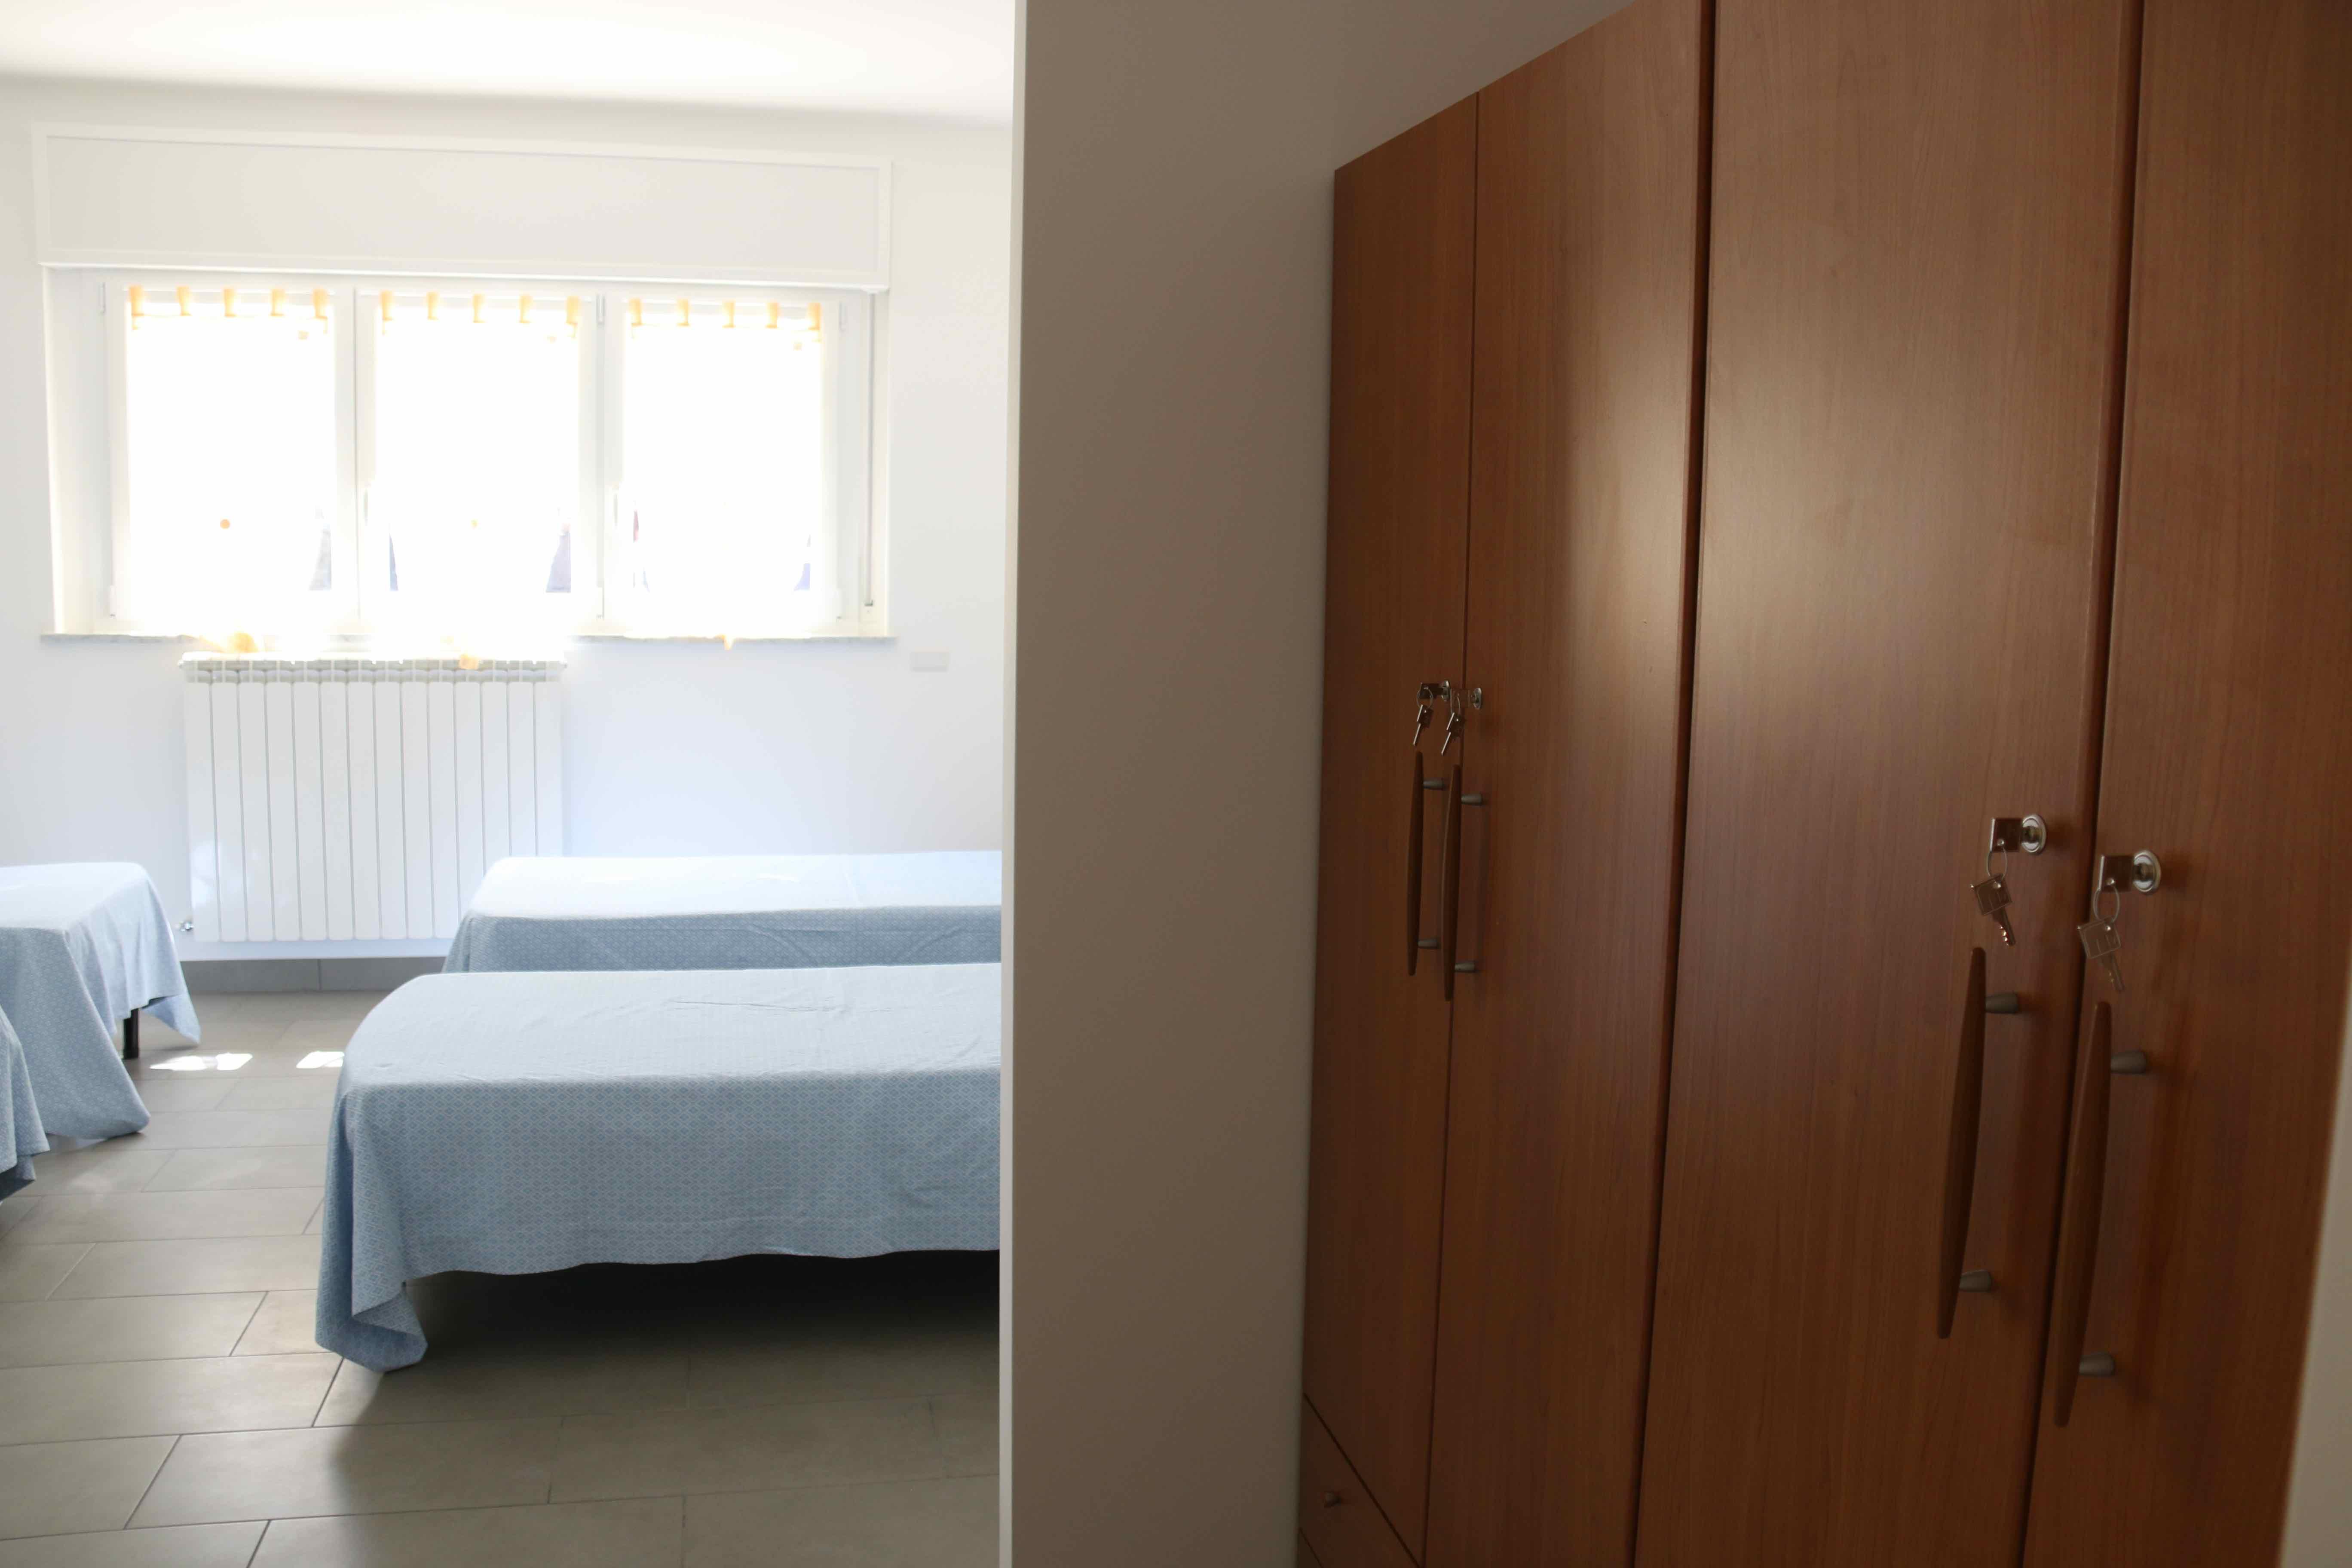 Inaugurazione Dormitorio Maria Teresa Bruzzone Centro Franco Chiarella 2017.04.22 - 33